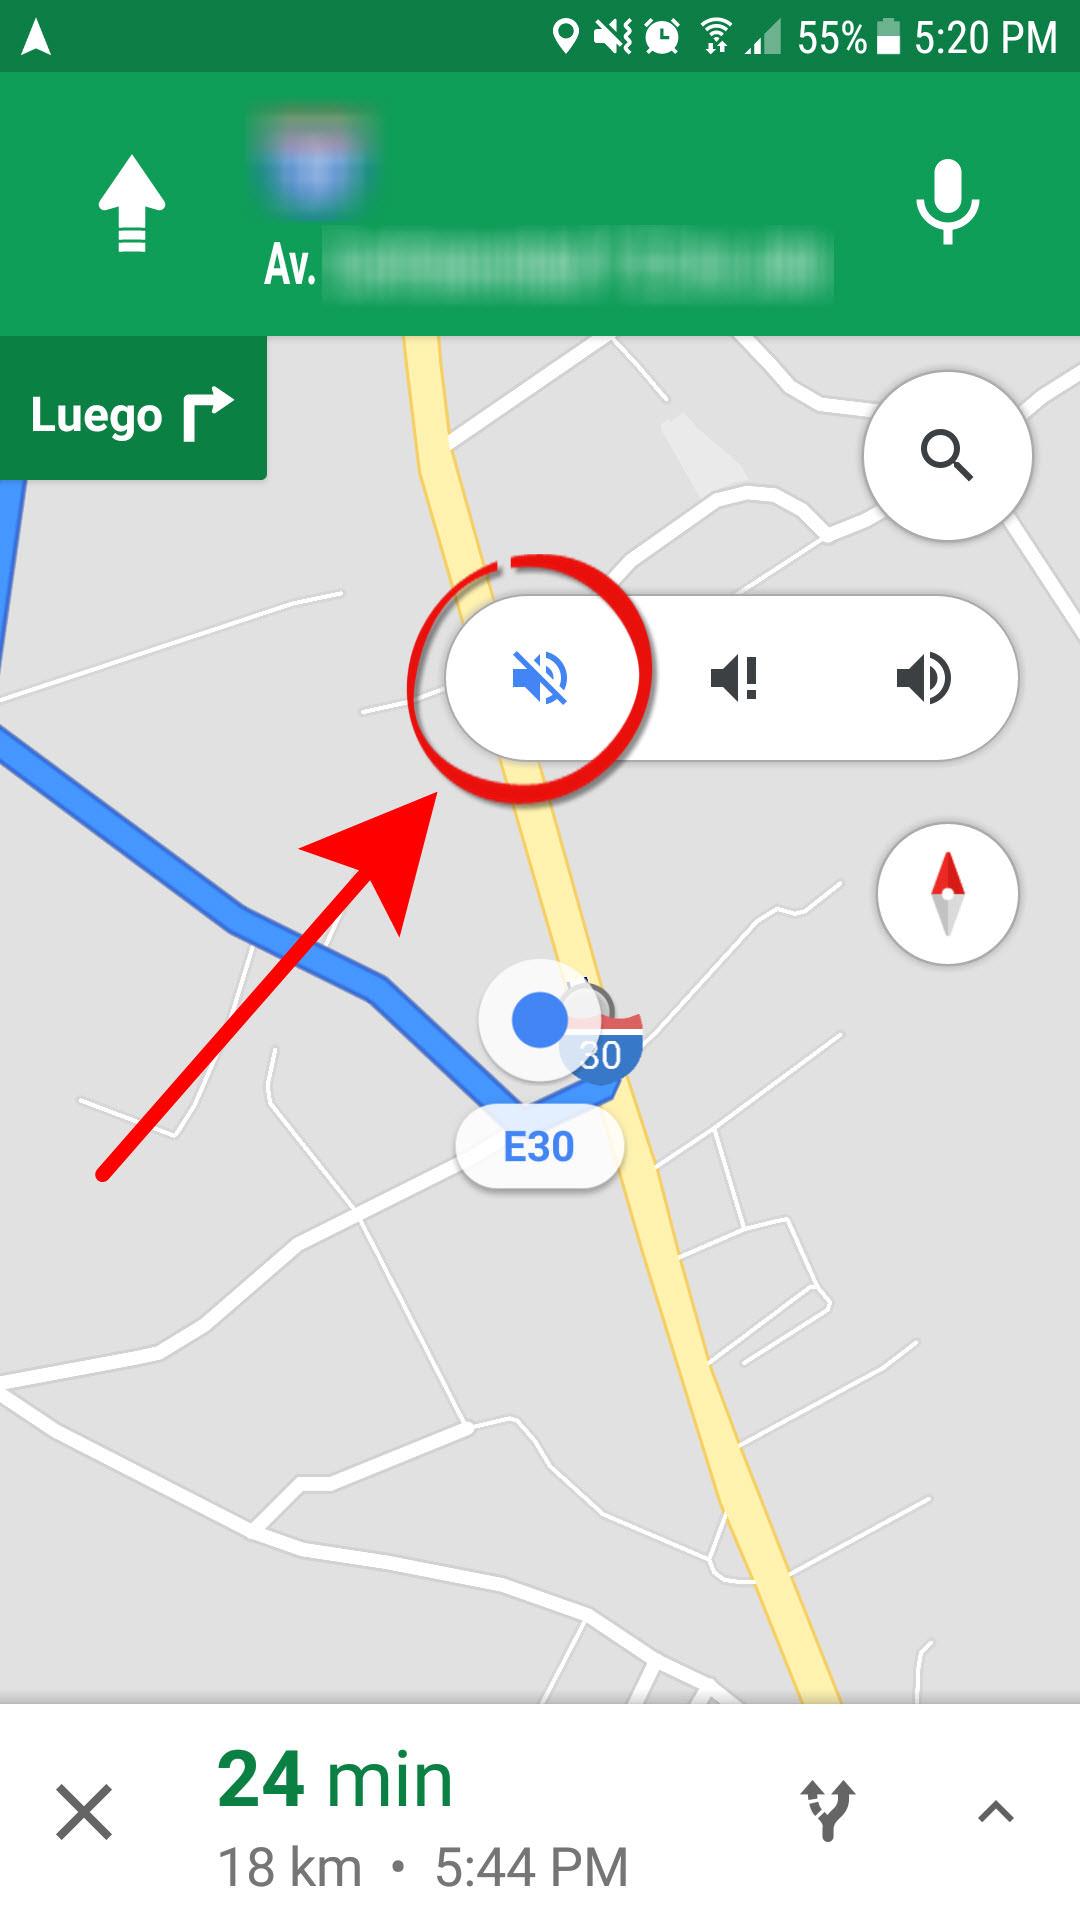 Quitar map